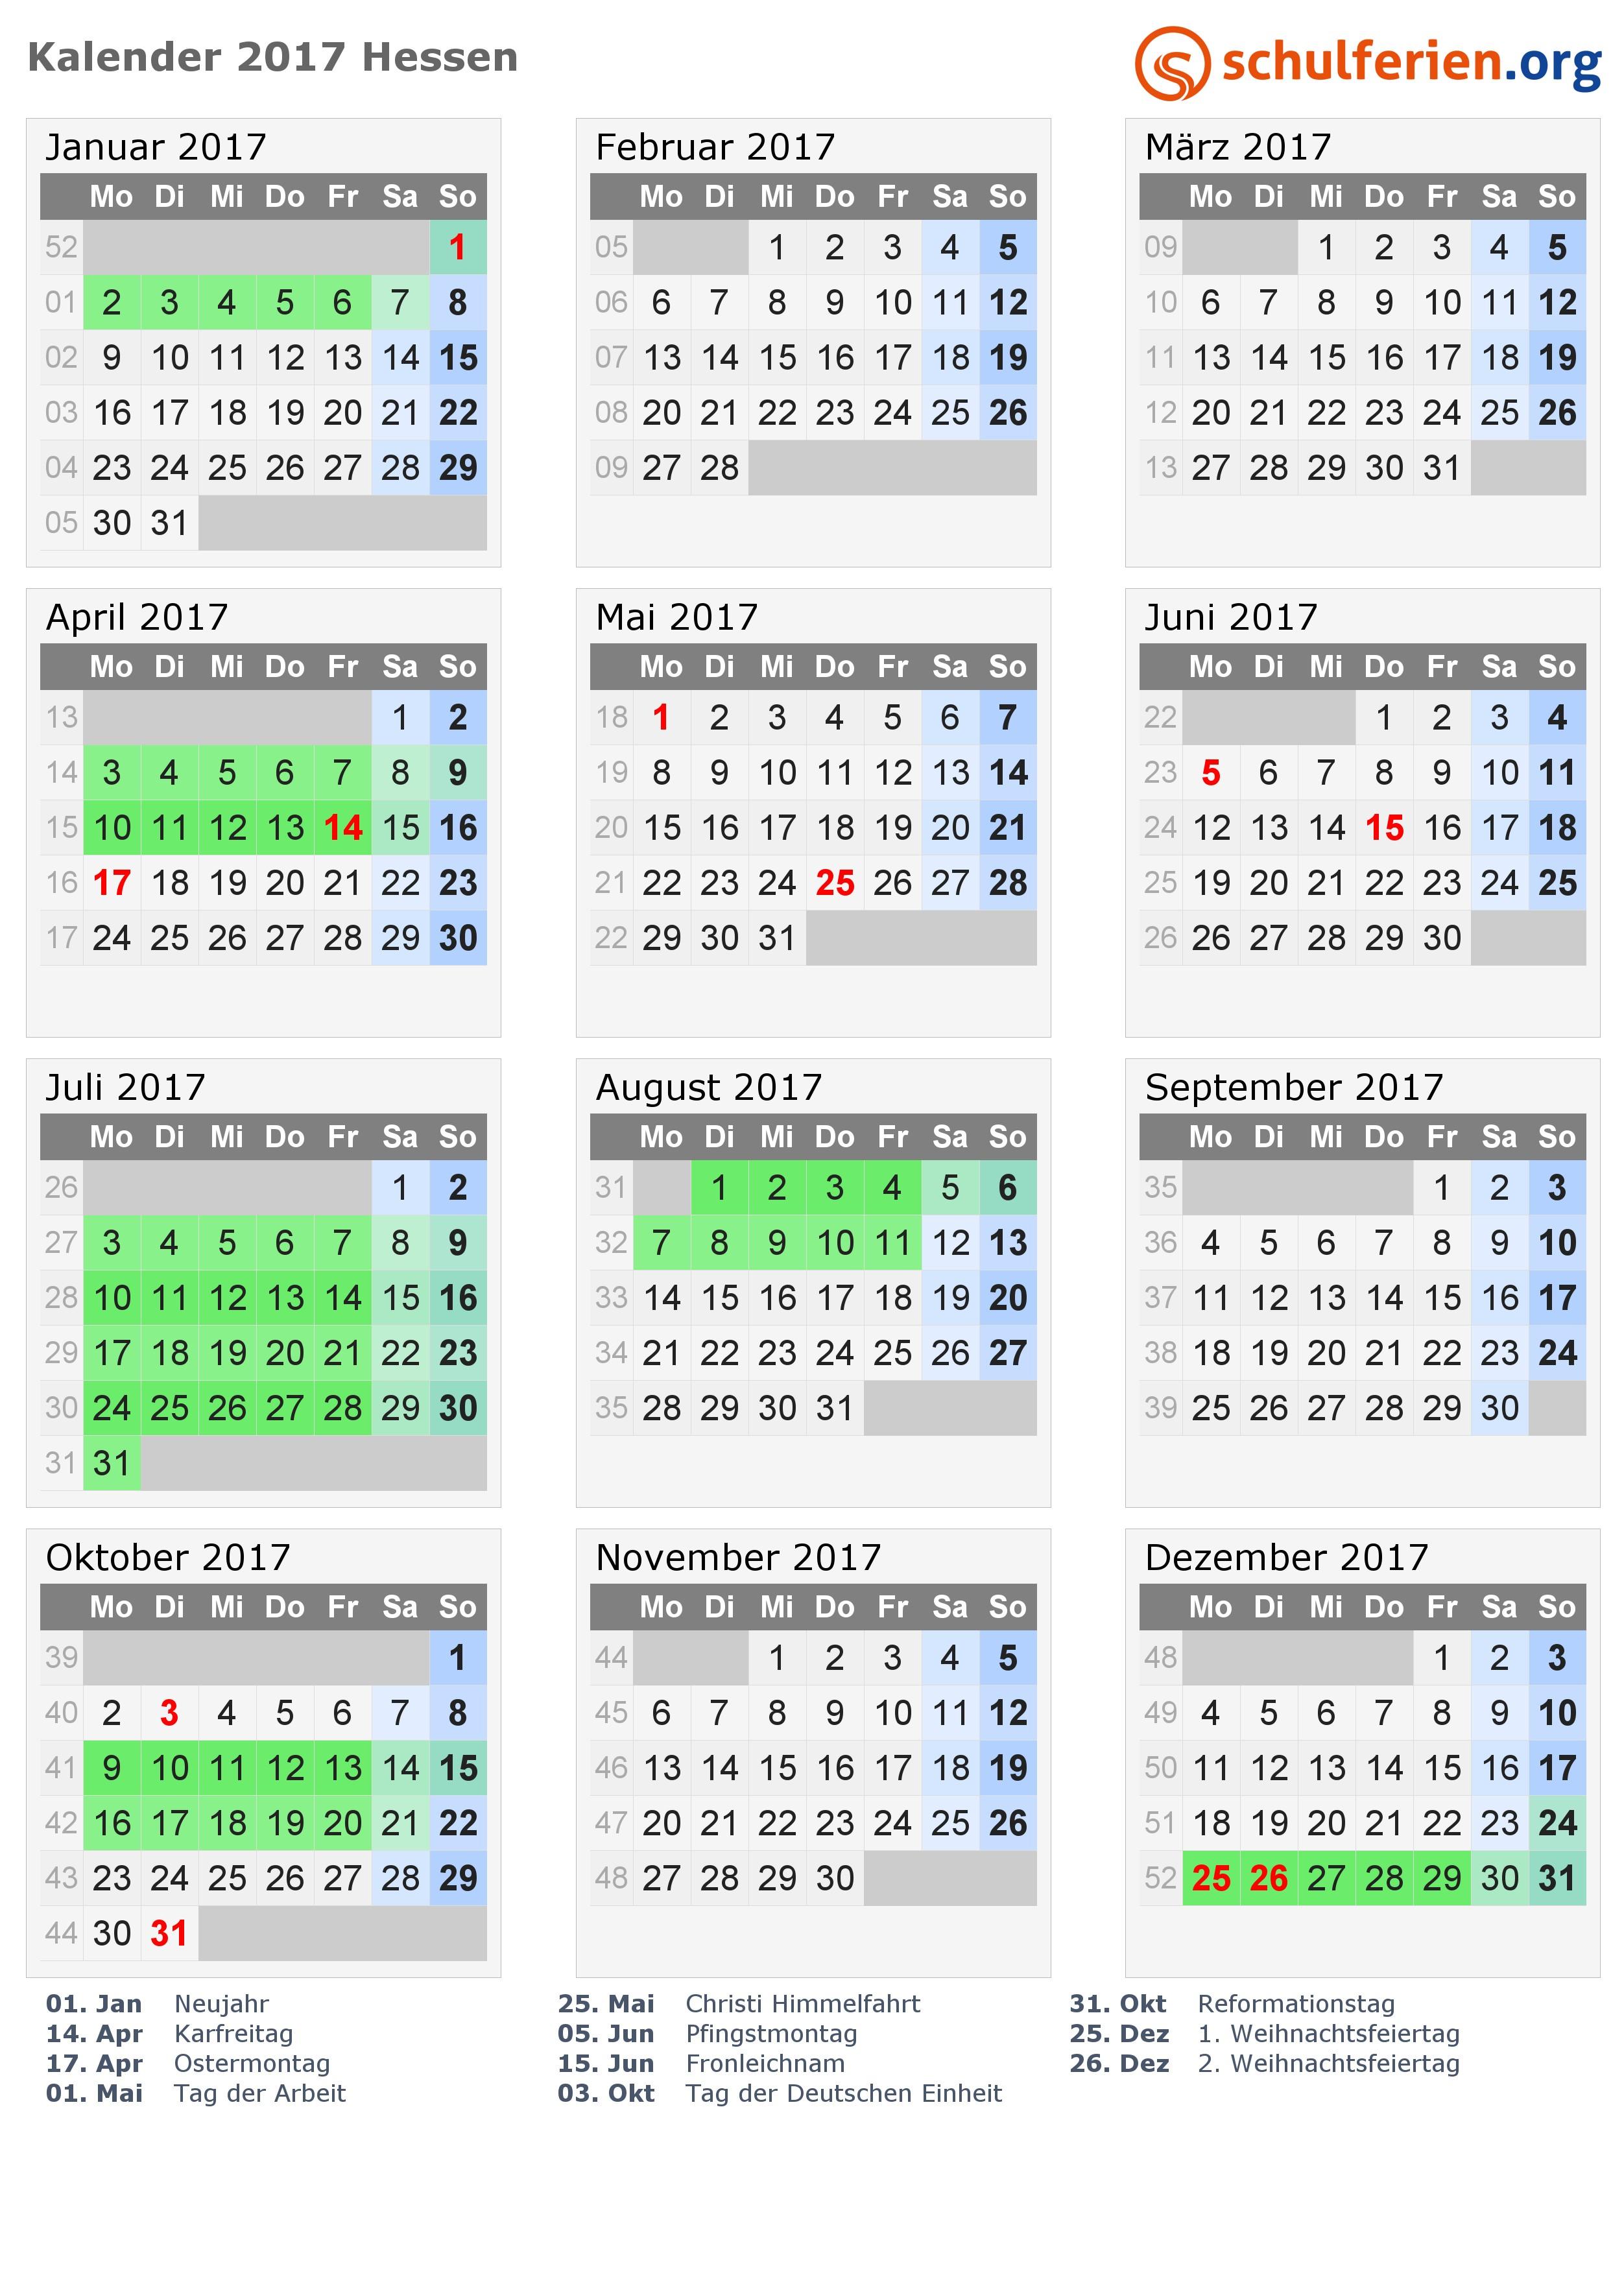 Kalender 2019 Excel Mit Feiertagen Más Reciente Kalender 2017 Ferien Hessen Feiertage Of Kalender 2019 Excel Mit Feiertagen Más Actual Kalender 2019 Excel Calendar 2016 2017 – Calendar Free Printable